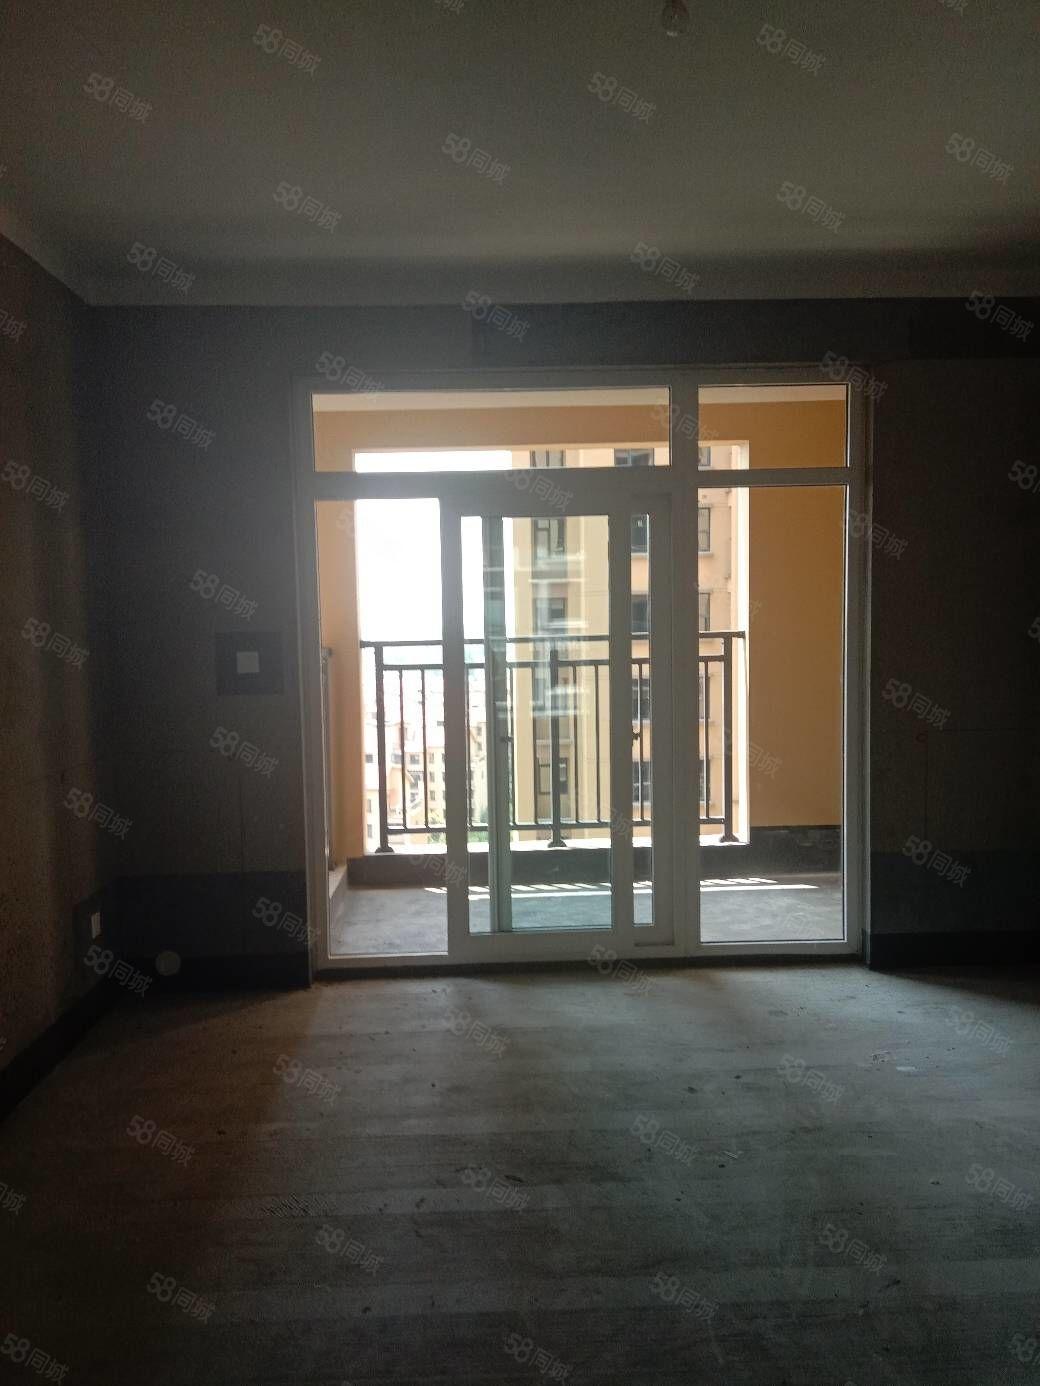 建业洋房,142平方三室两厅两卫毛房,南北通厅通透,双卧朝阳